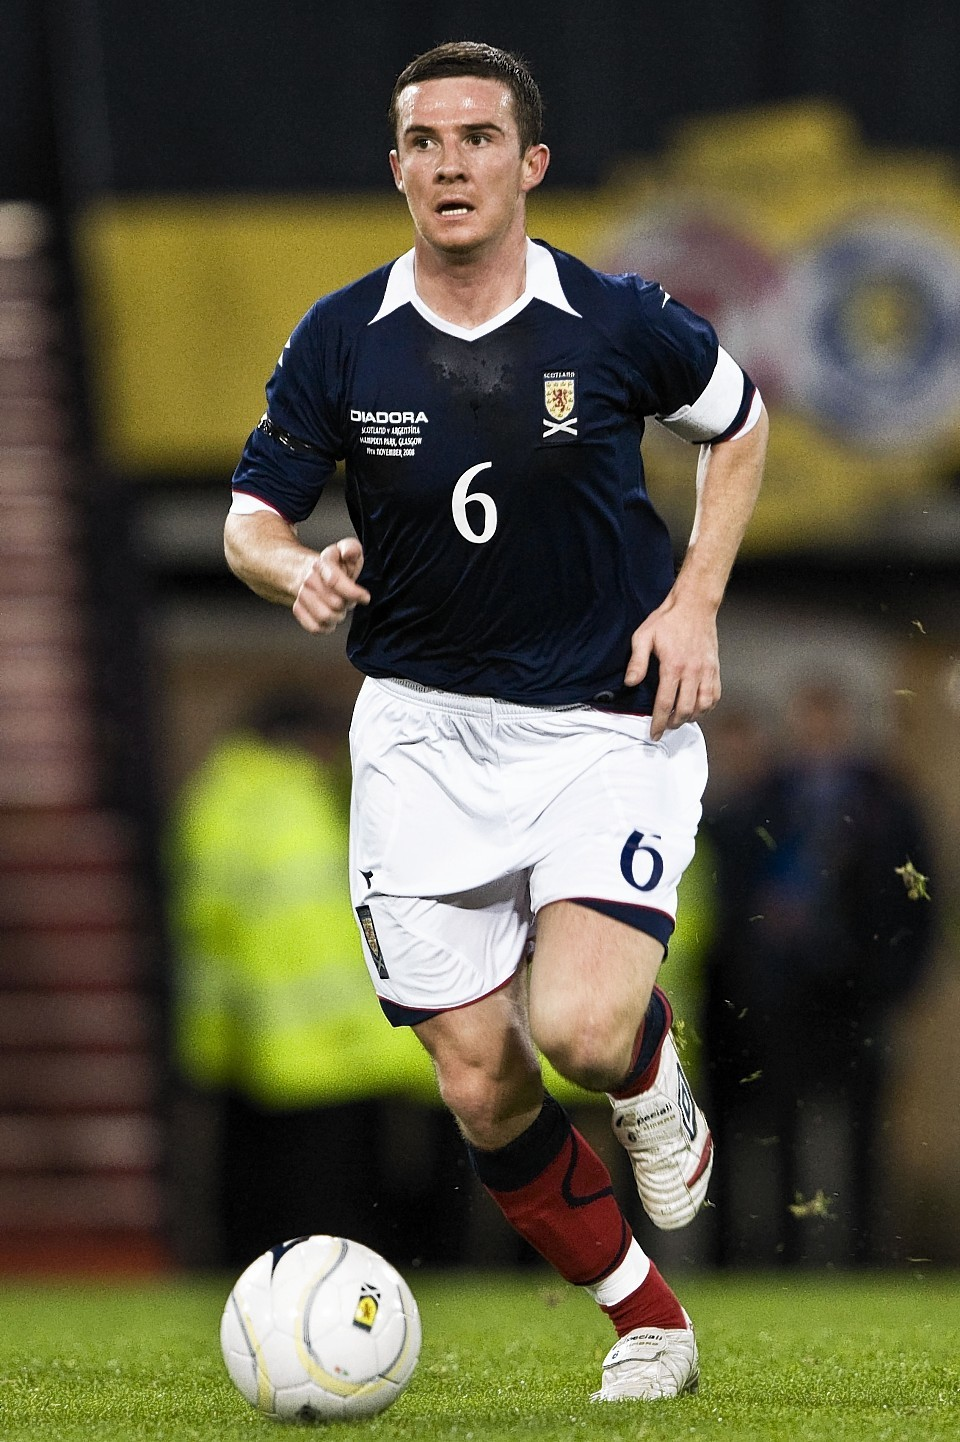 Ferguson captained Scotland until 2009